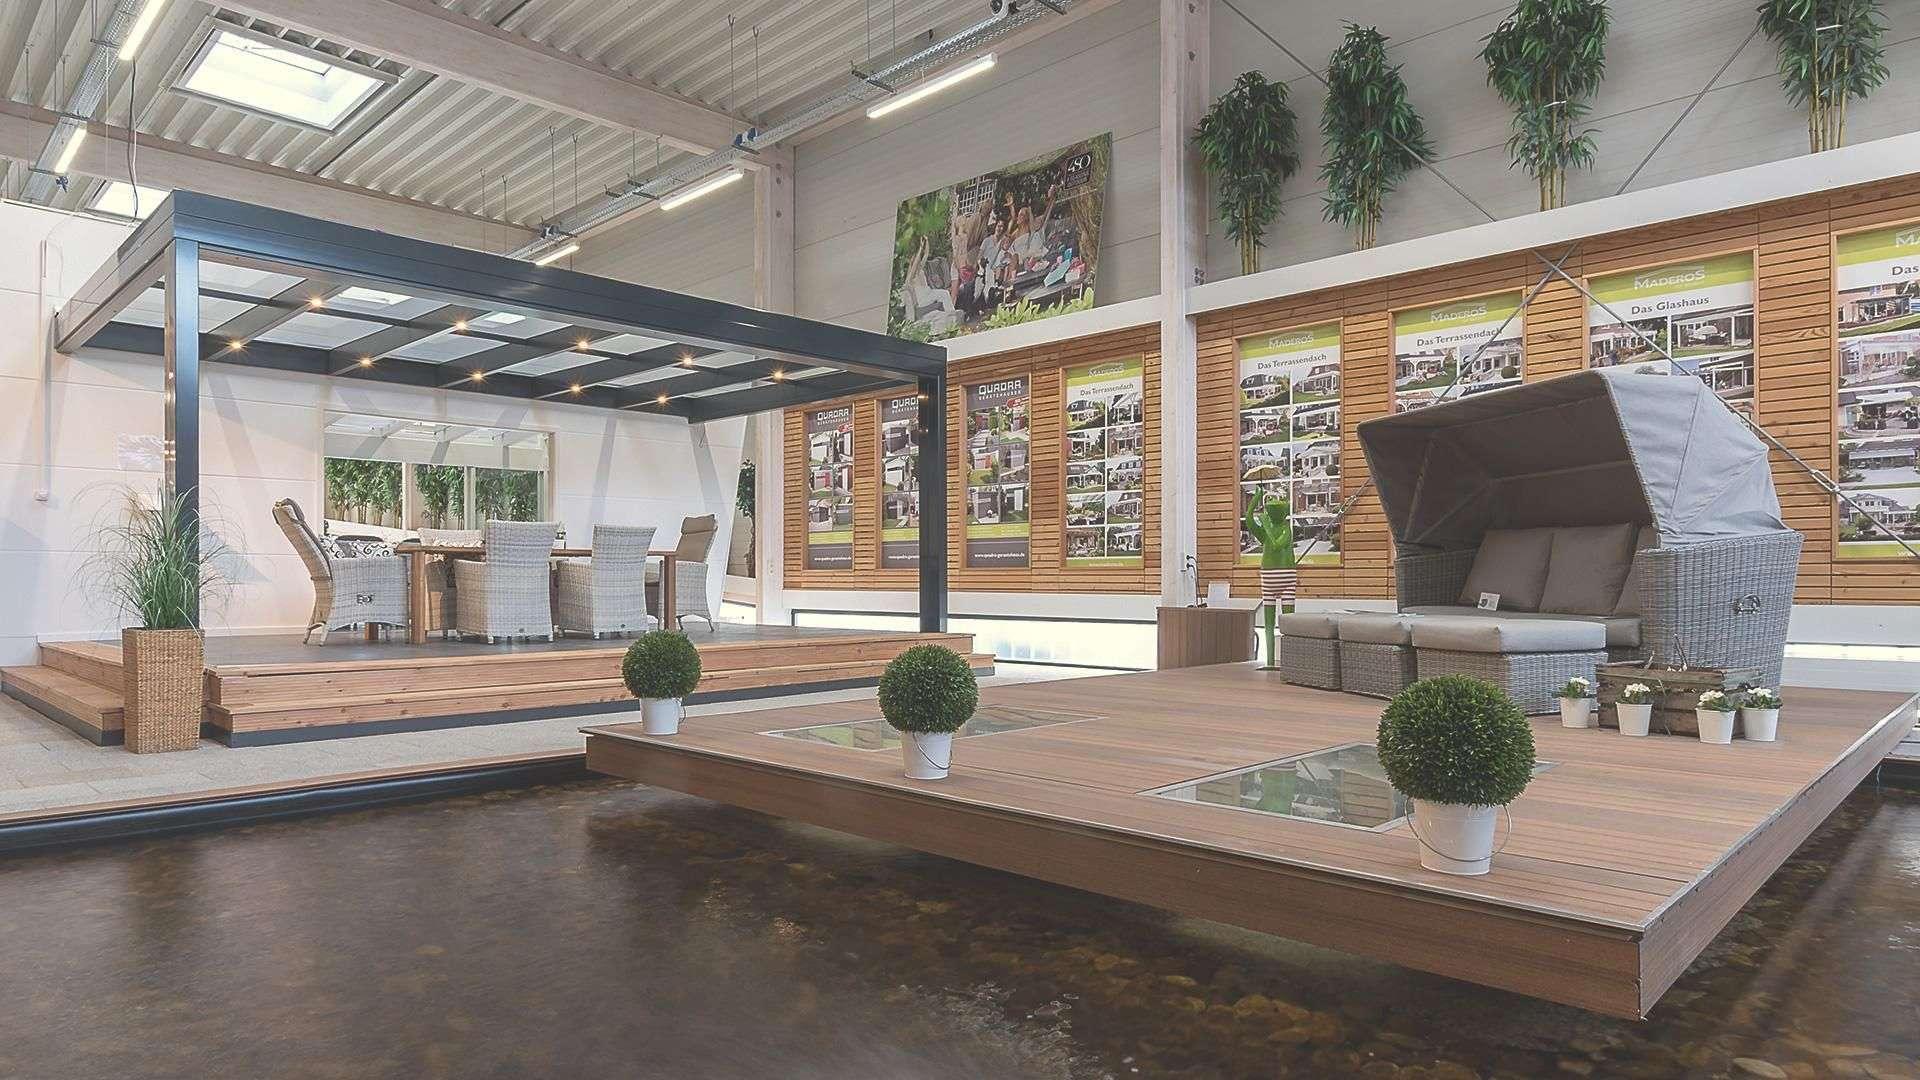 Cubus-Dach in der  Ausstellung von Maderos in Rosengarten/Nenndorf